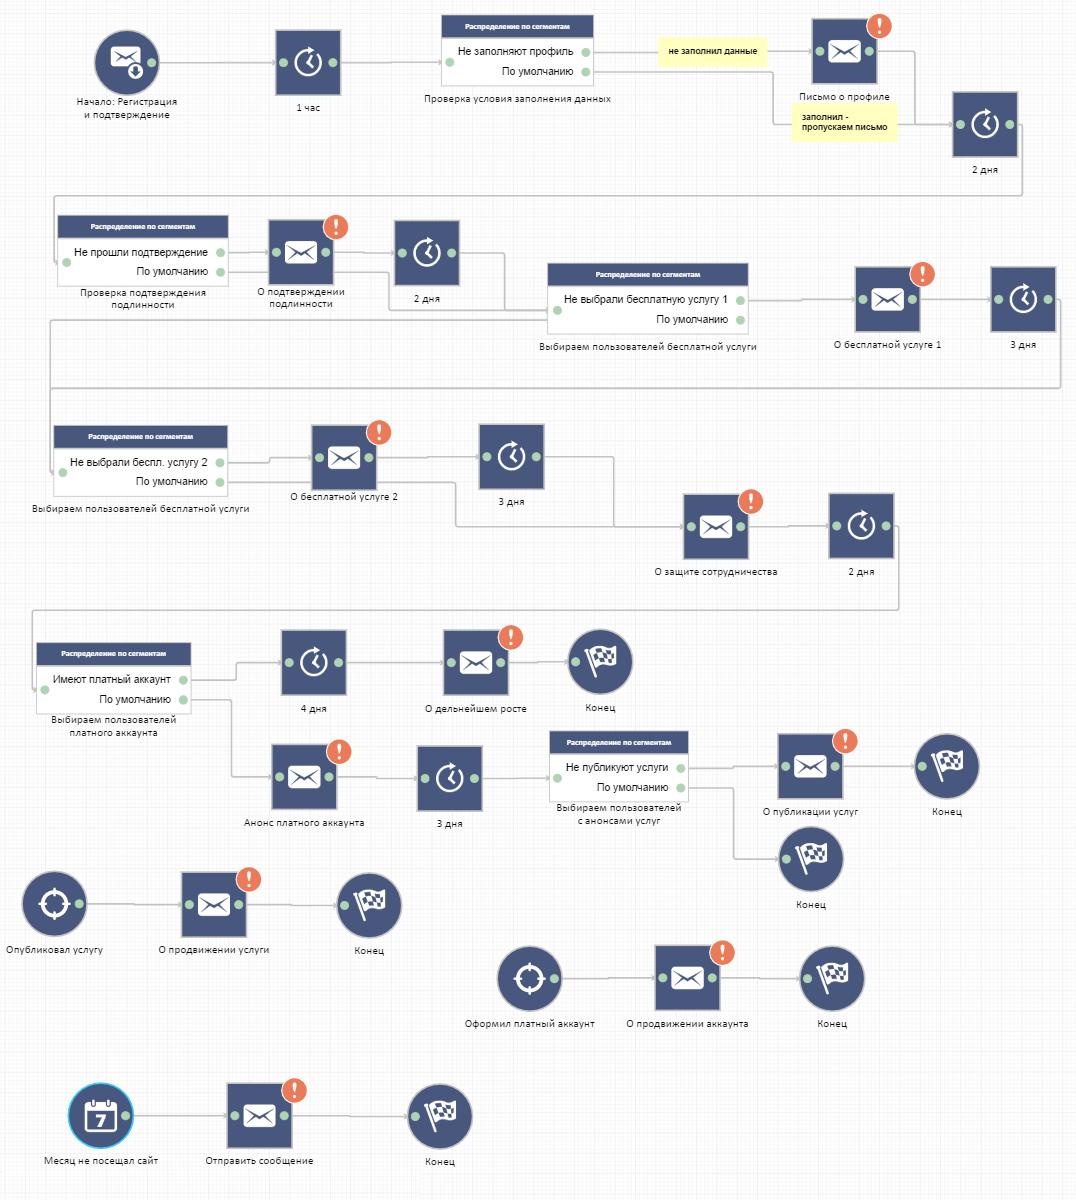 стратегия email маркетинга на примере